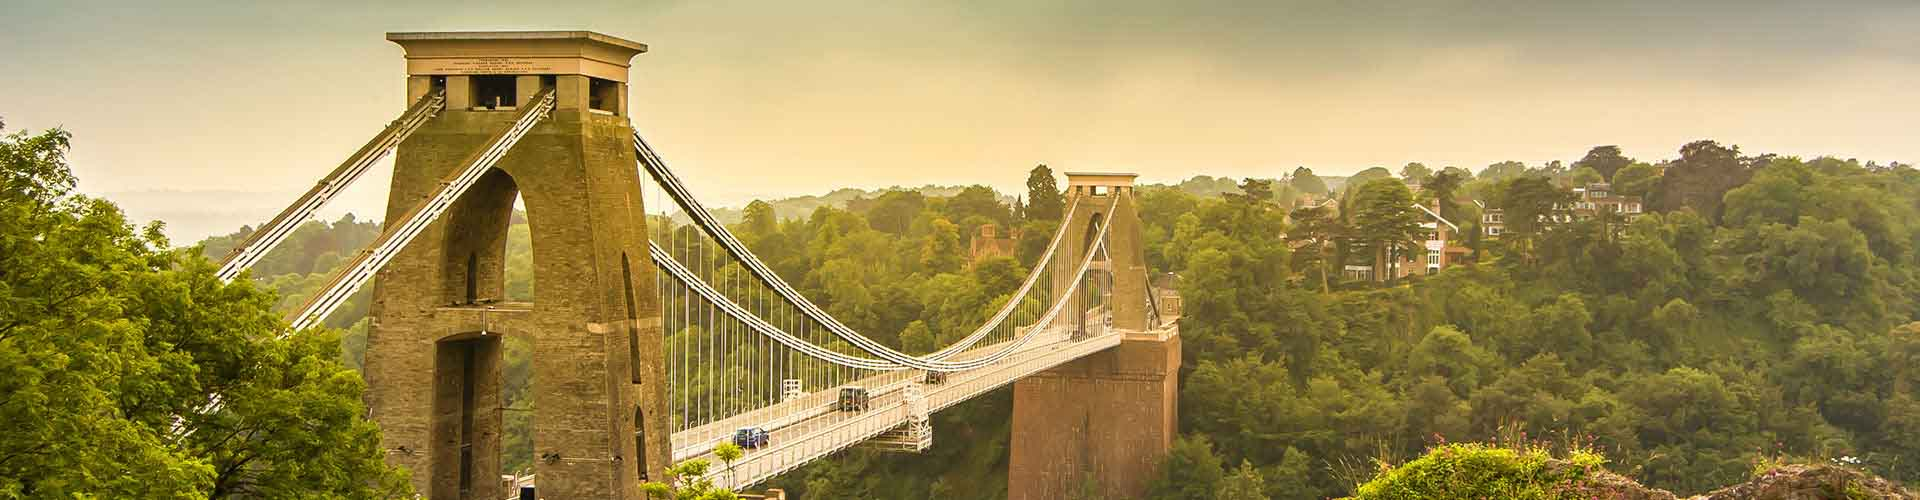 Bristol - Ifjúsági Szállások Bristol. Bristol térképek, fotók és ajánlások minden egyes Ifjúsági Szállások: Bristol.